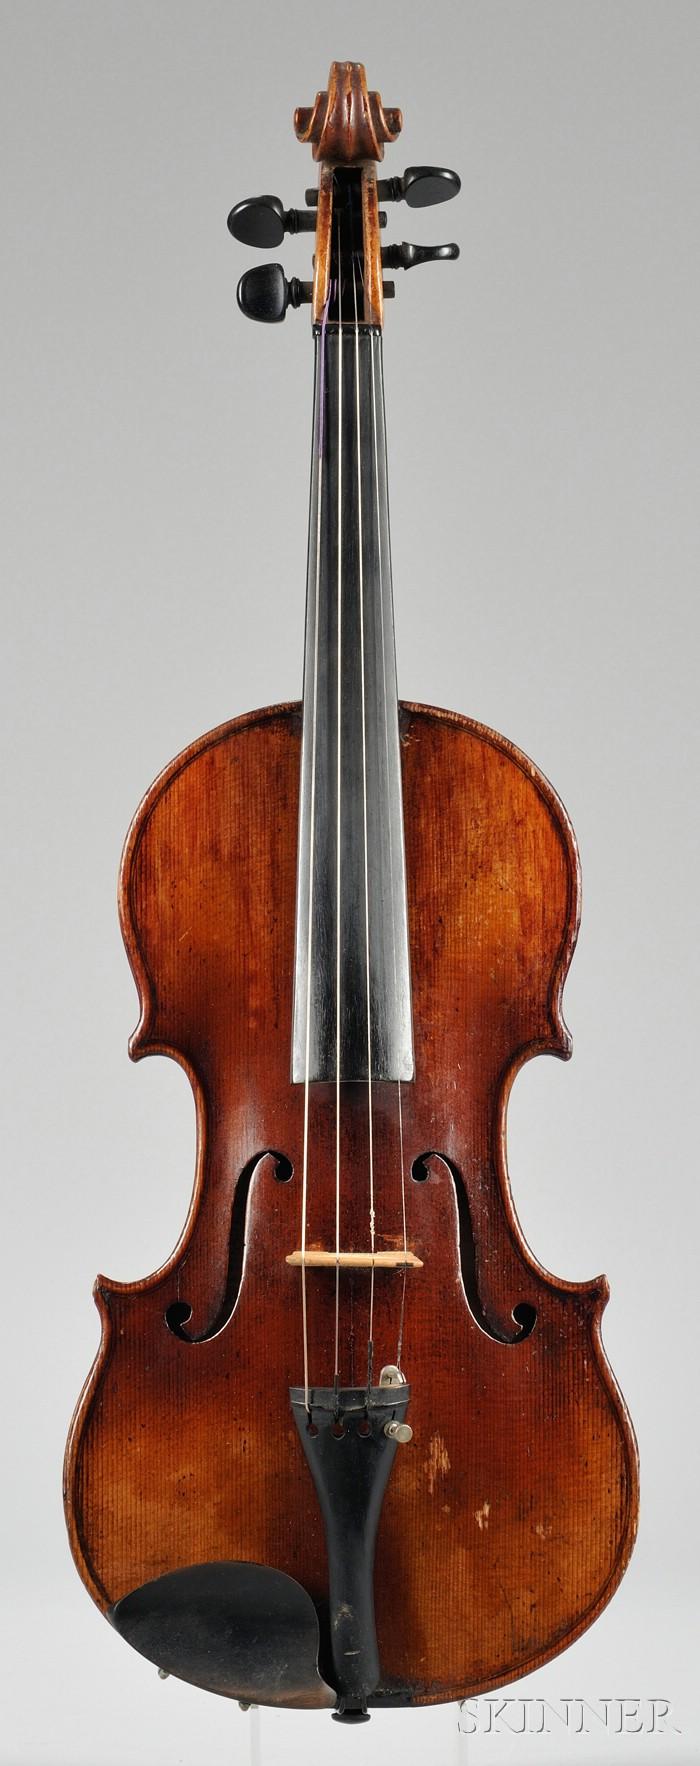 Markneukirchen Violin, Wilhelm Durrschmidt, c. 1920